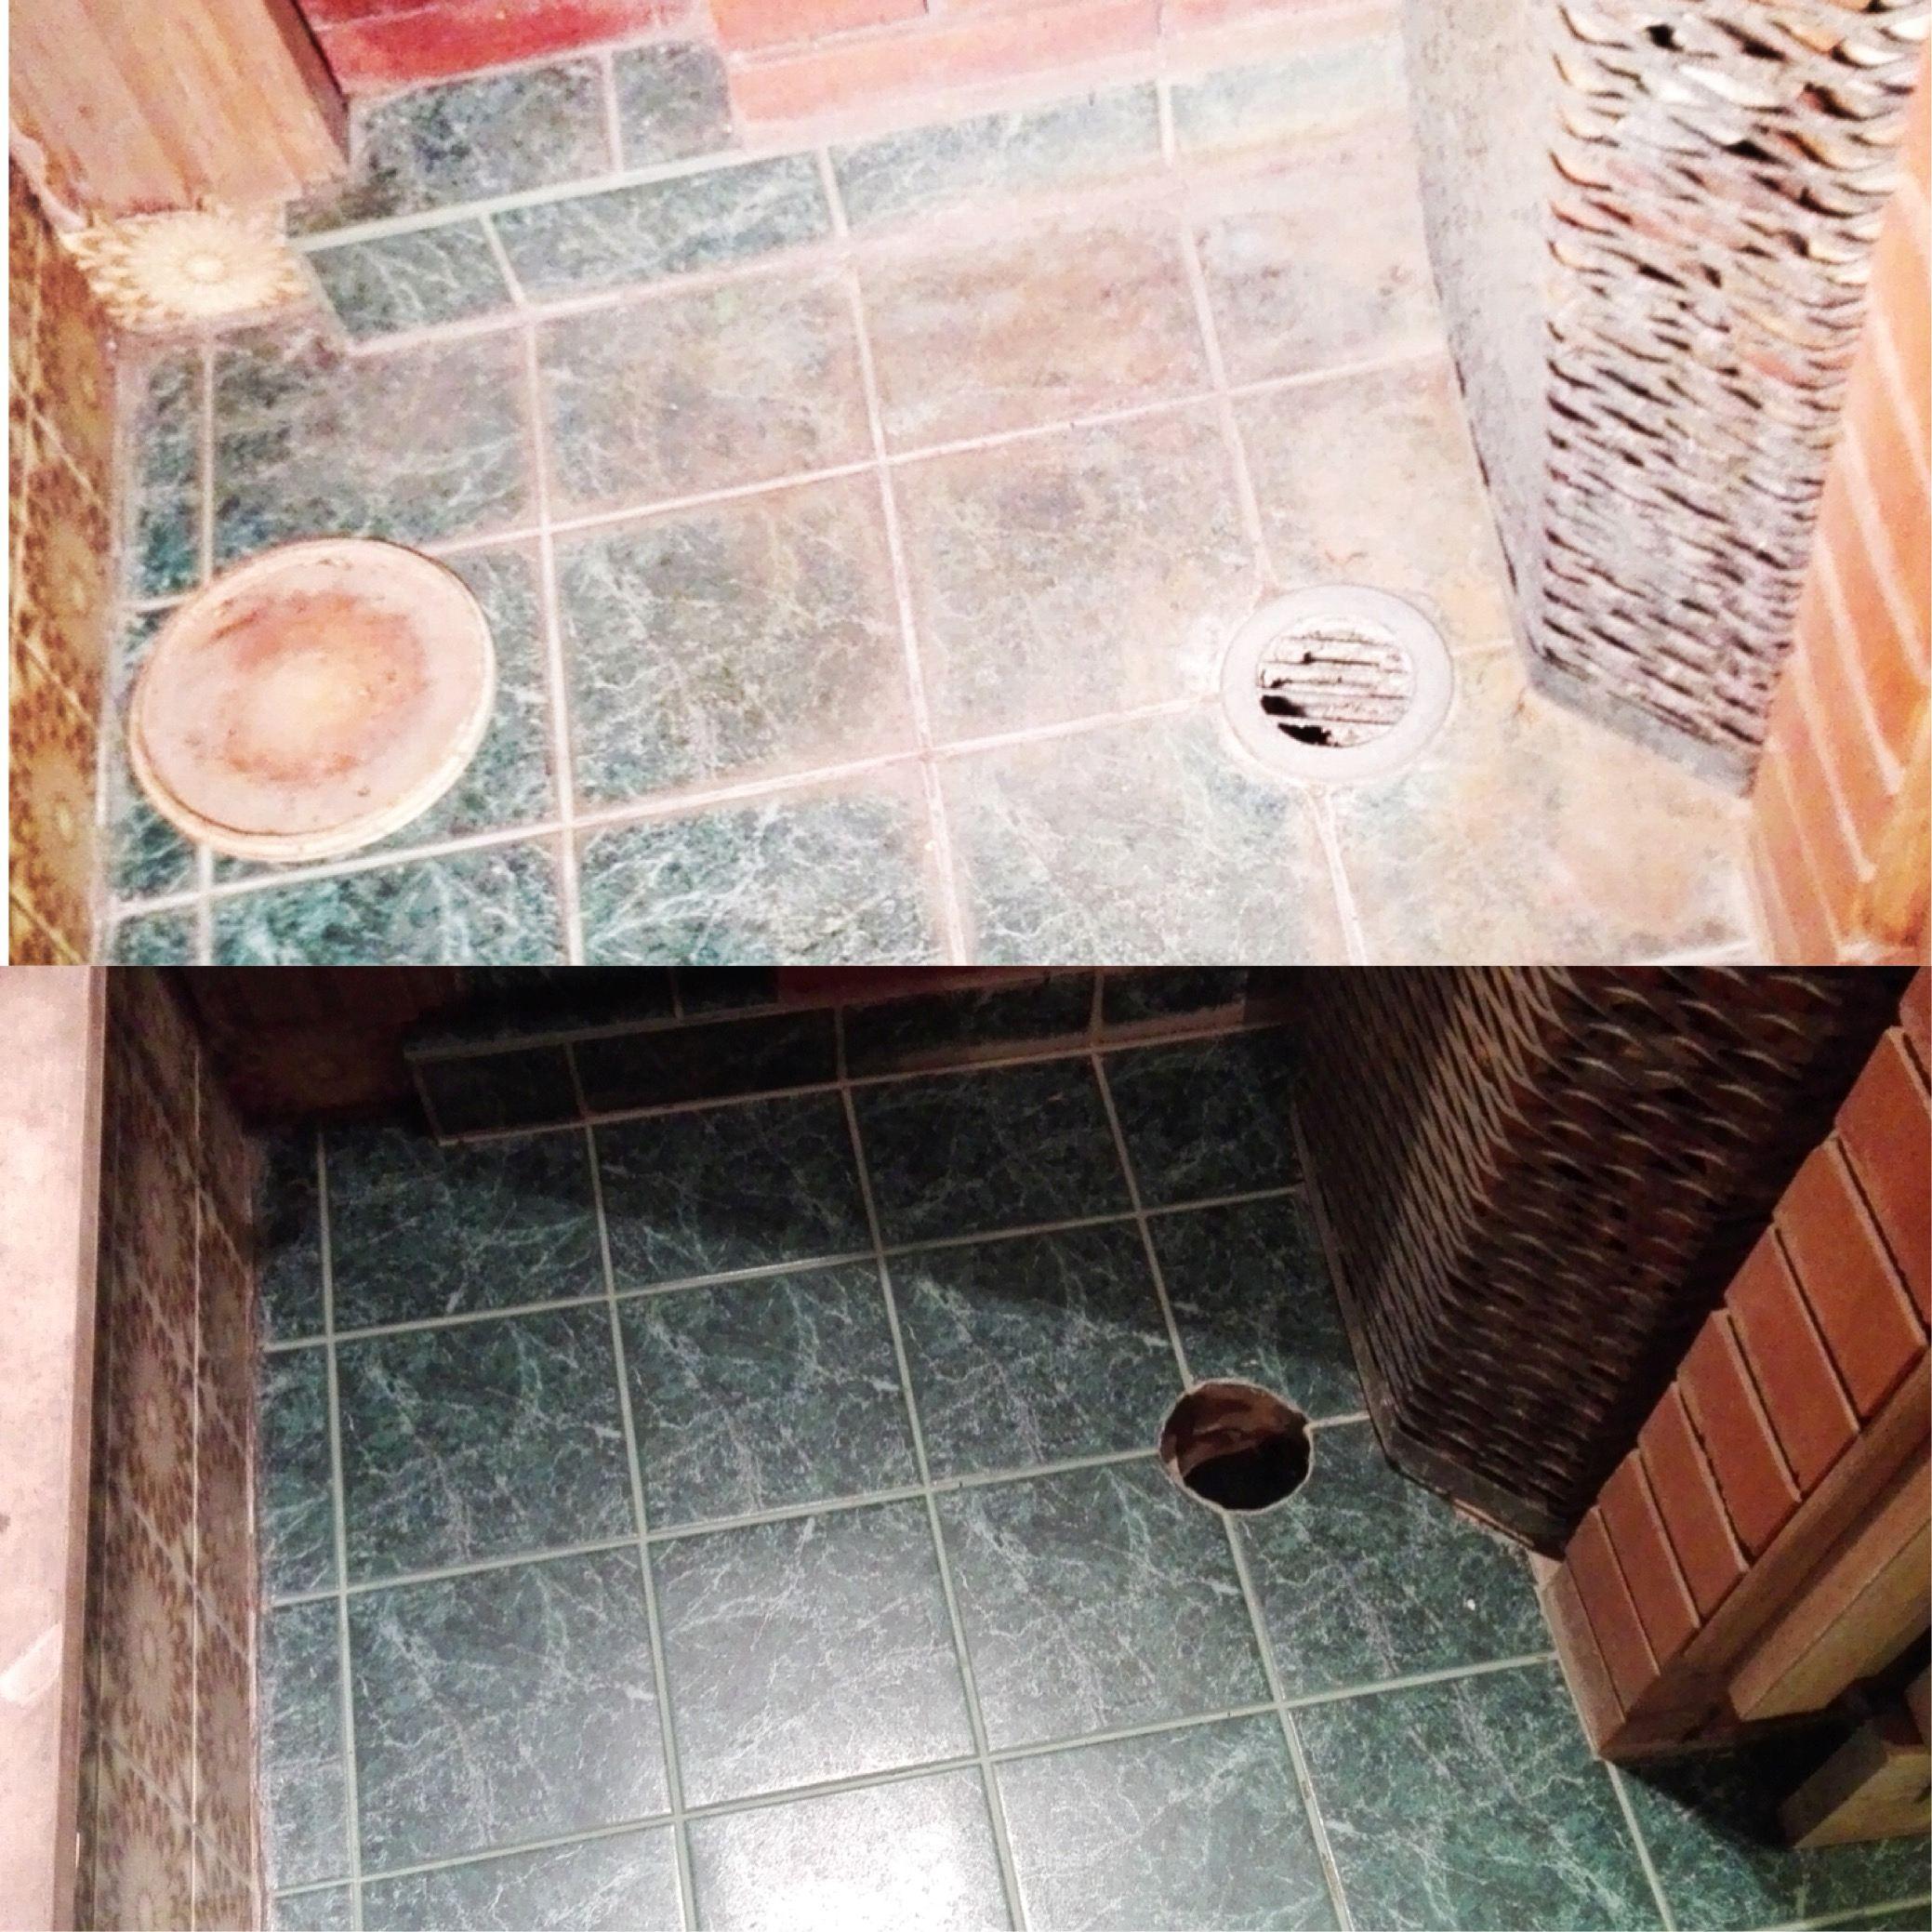 Tõhus katlakivi eemaldi aitab selle pinna kerge vaevaga puhastatada